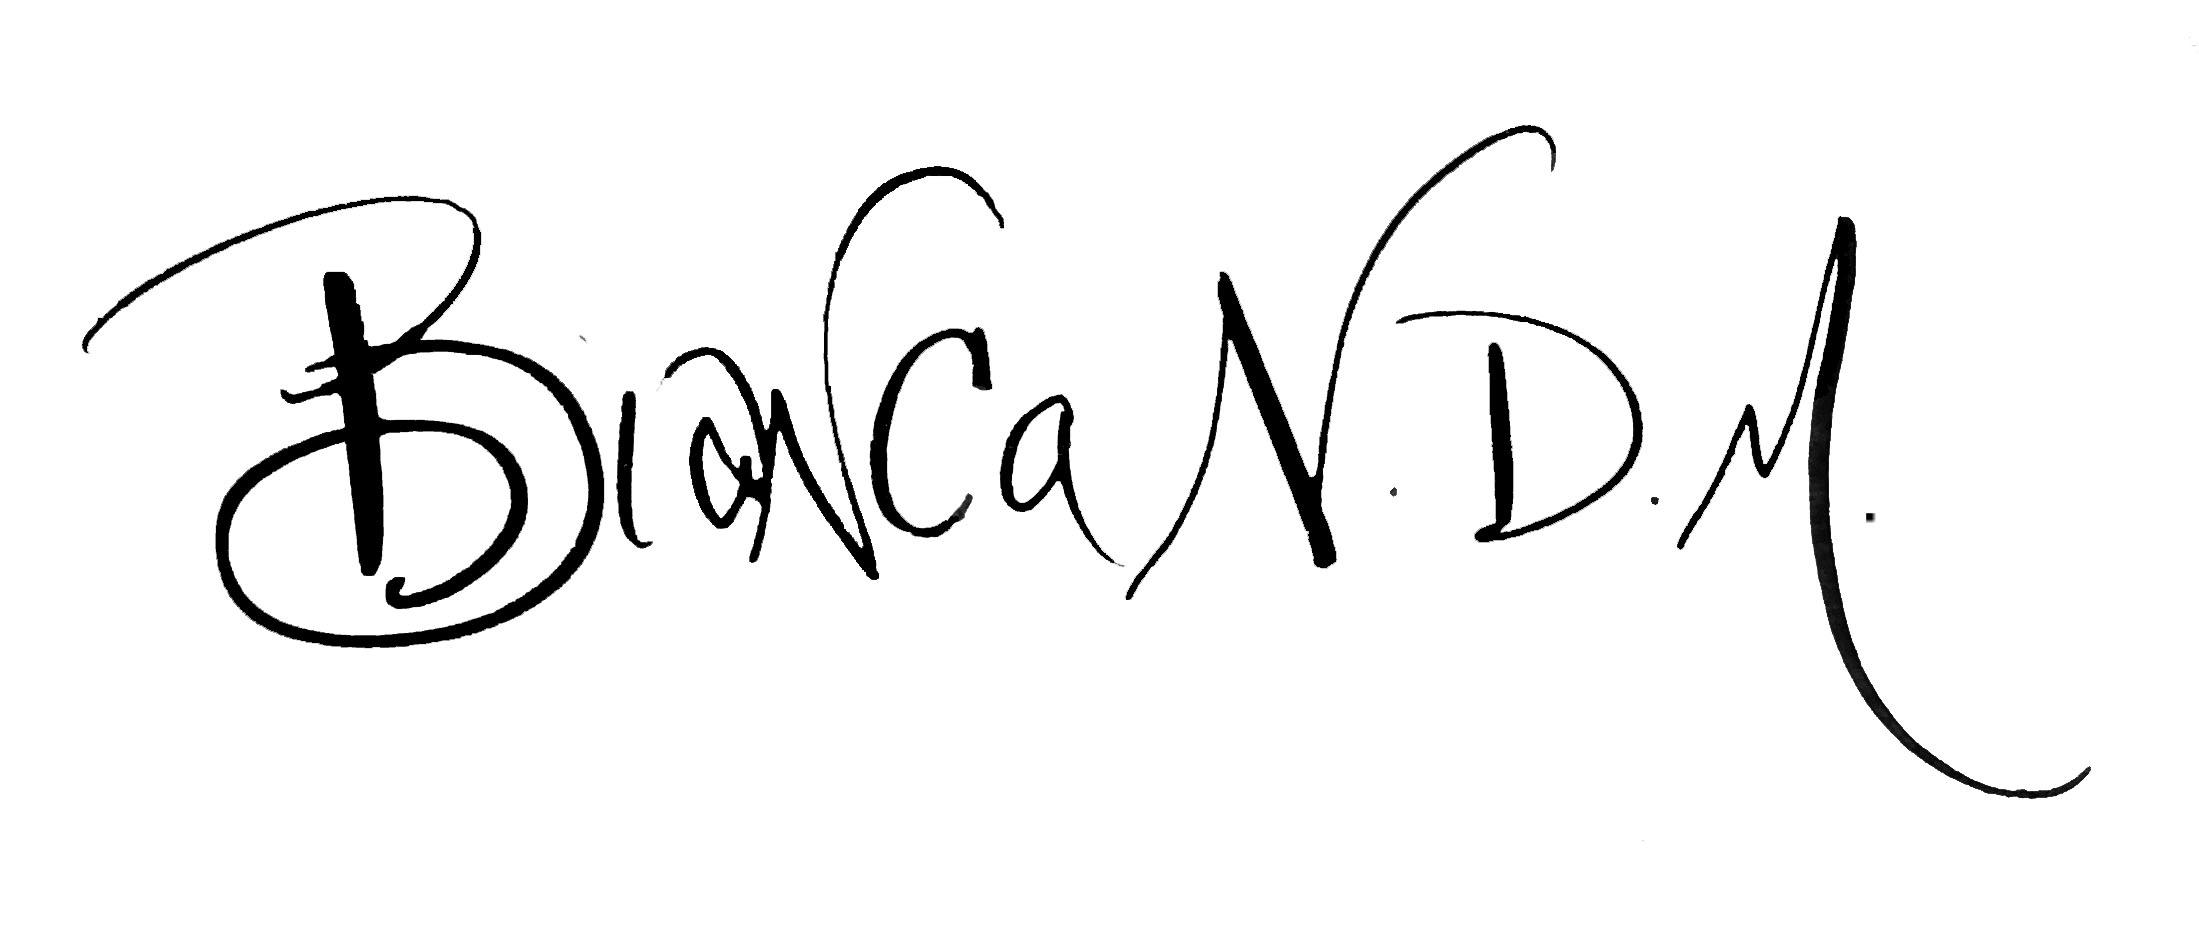 Bianca Mandity's Signature